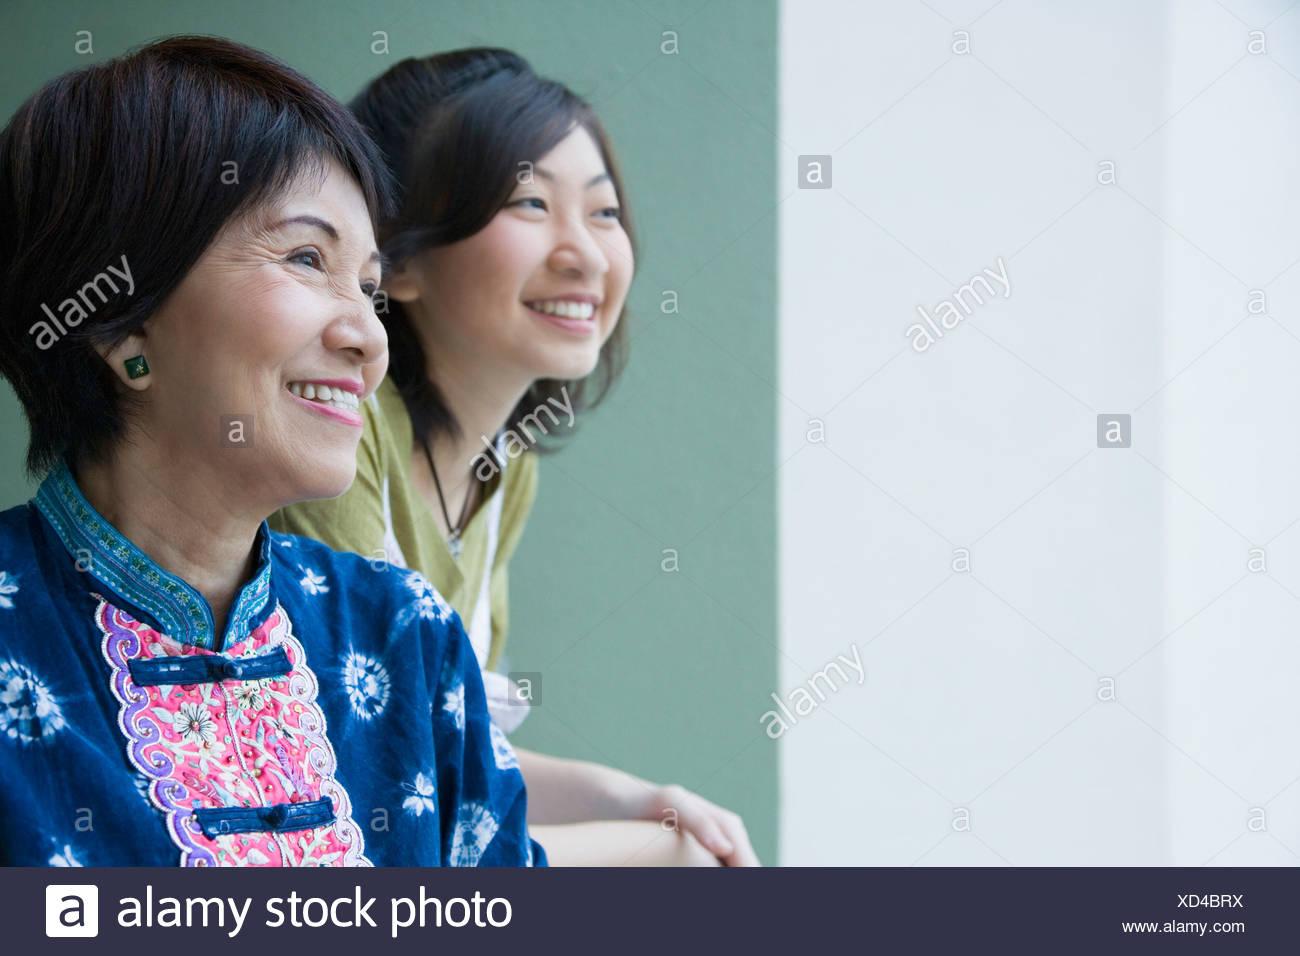 Close-up of a senior woman smiling avec sa petite-fille Banque D'Images